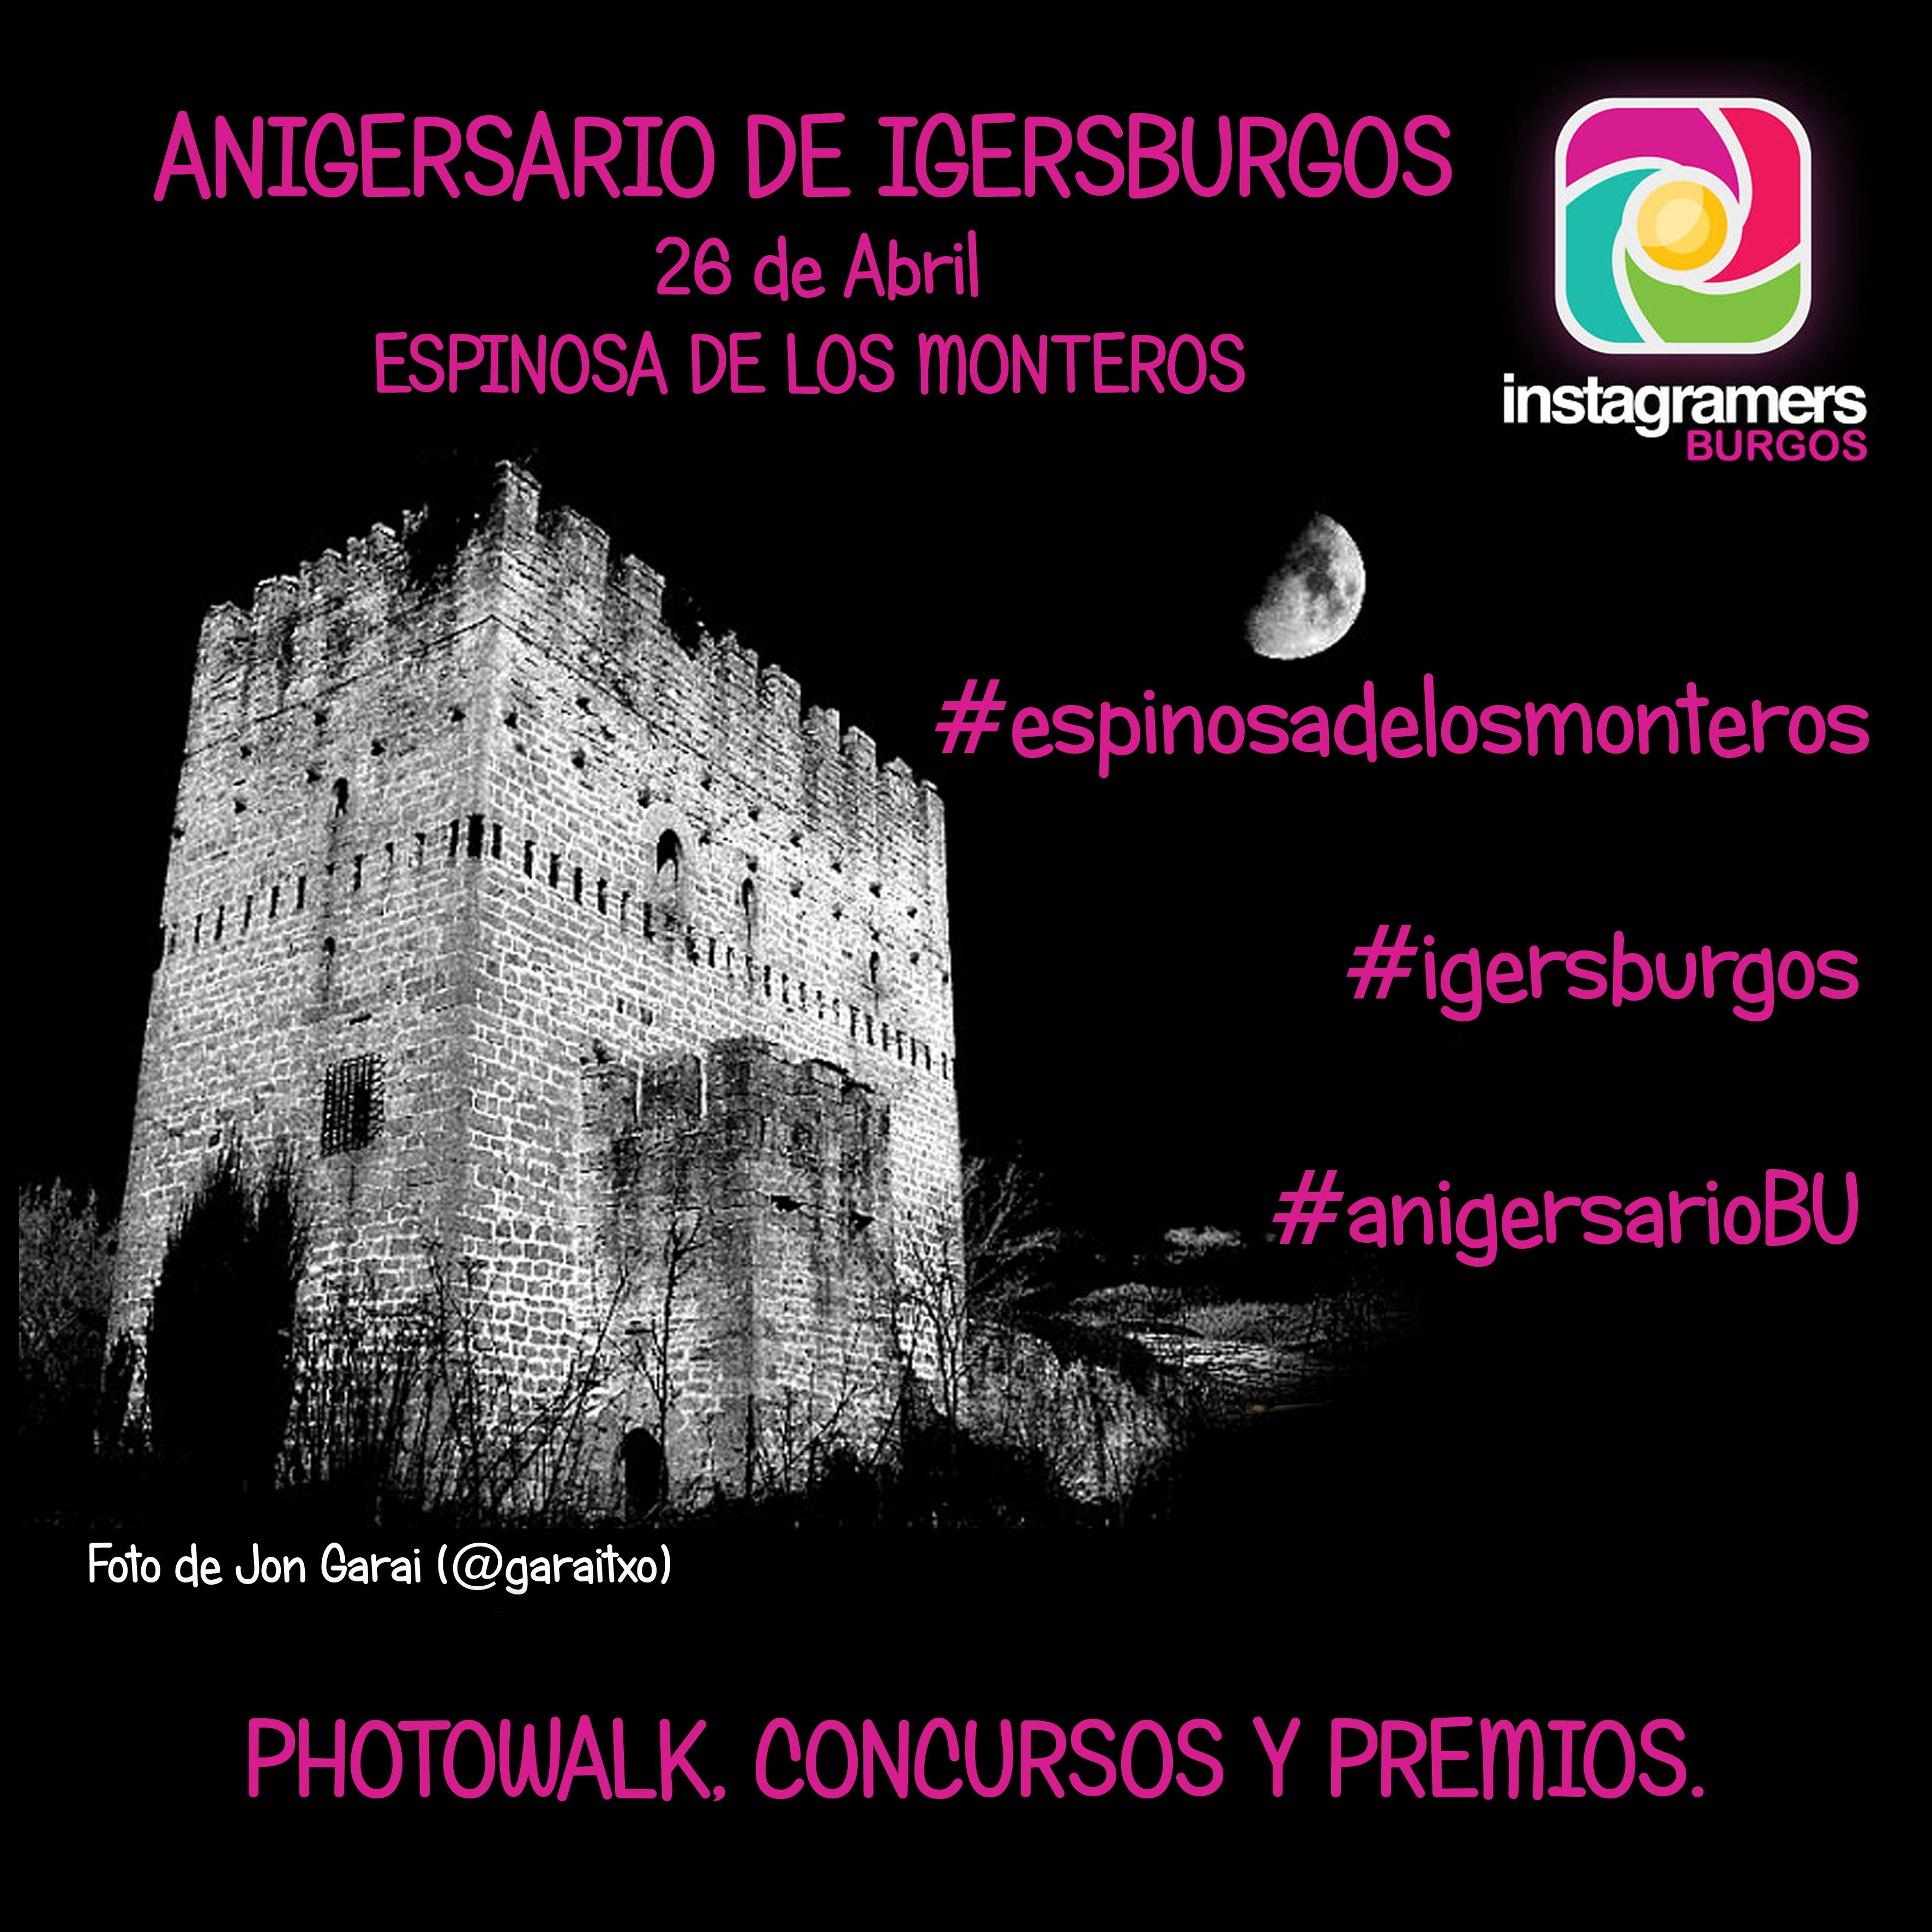 Celebra el Primer AnIgersario de Instagramers Burgos el 26 de abril